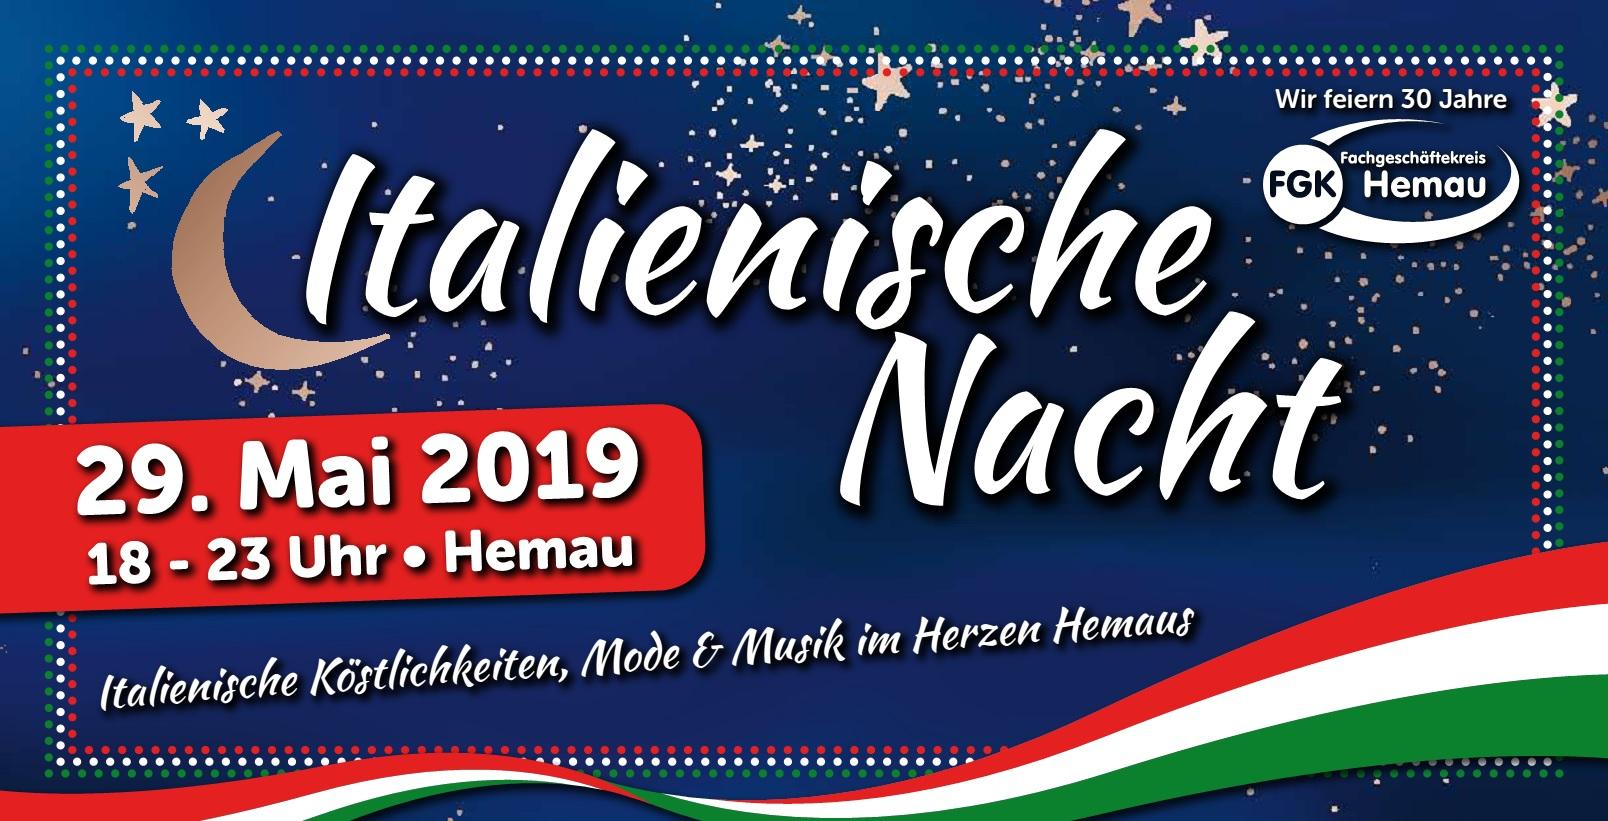 Italienische Nacht Am 29 Mai 2019 Fachgeschftekreis Hemau